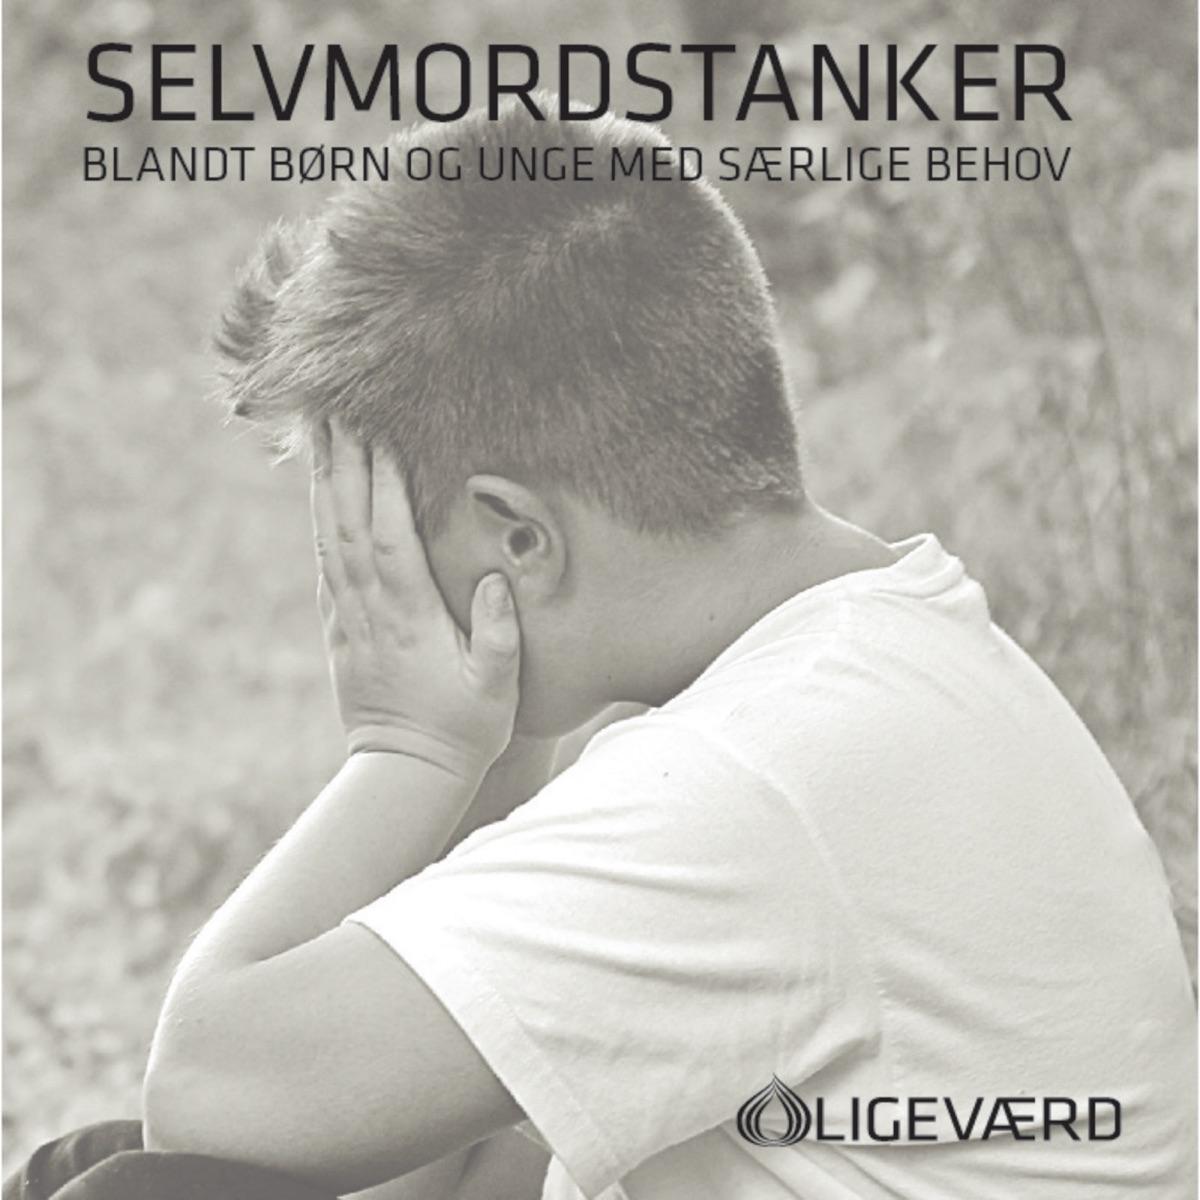 Selvmordstanker blandt børn og unge